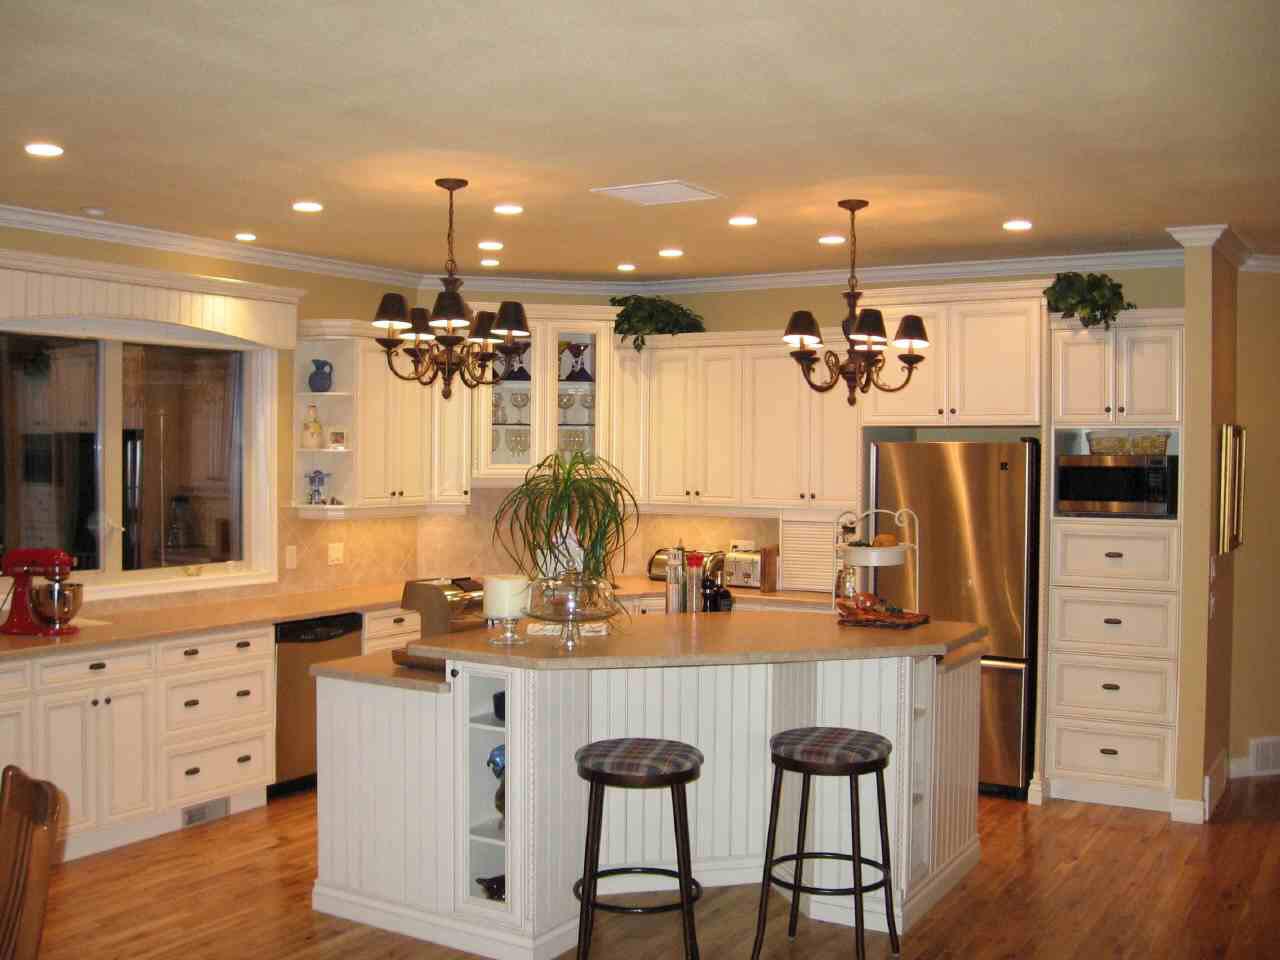 http://1.bp.blogspot.com/-8hcNKDzYD84/Td9P3leJoTI/AAAAAAAAAB8/7c29m2RqCqs/s1600/Kitchen%2BDecorating%2BThemes.jpg